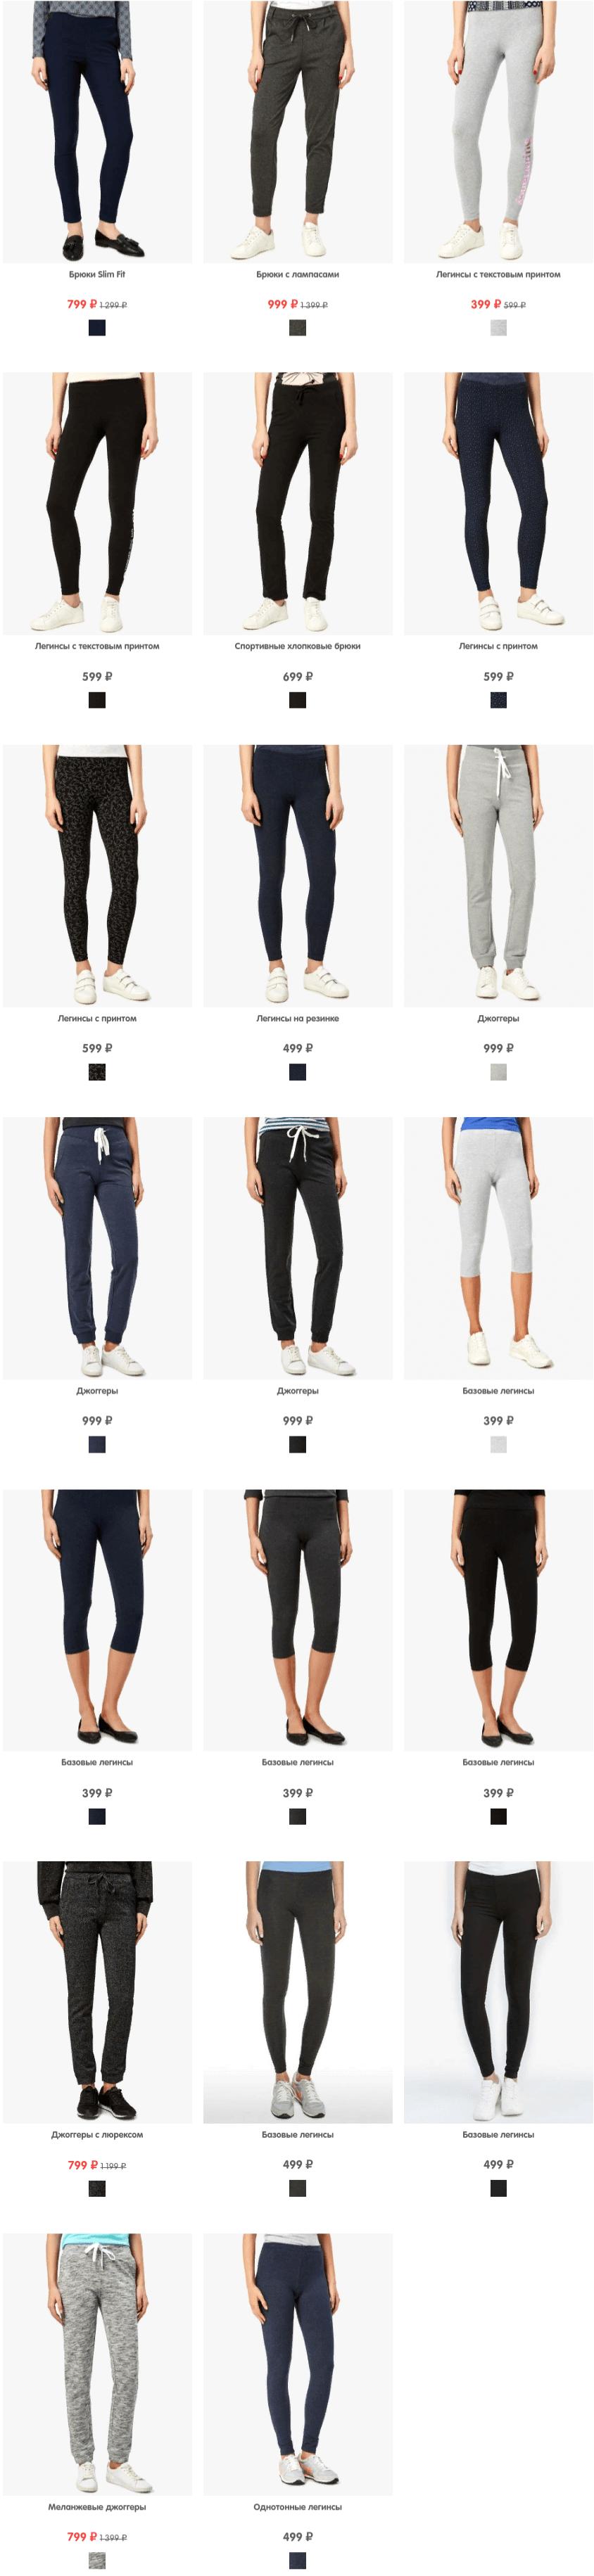 0 - Купить Женские брюки в интернет-магазине одежды Funday